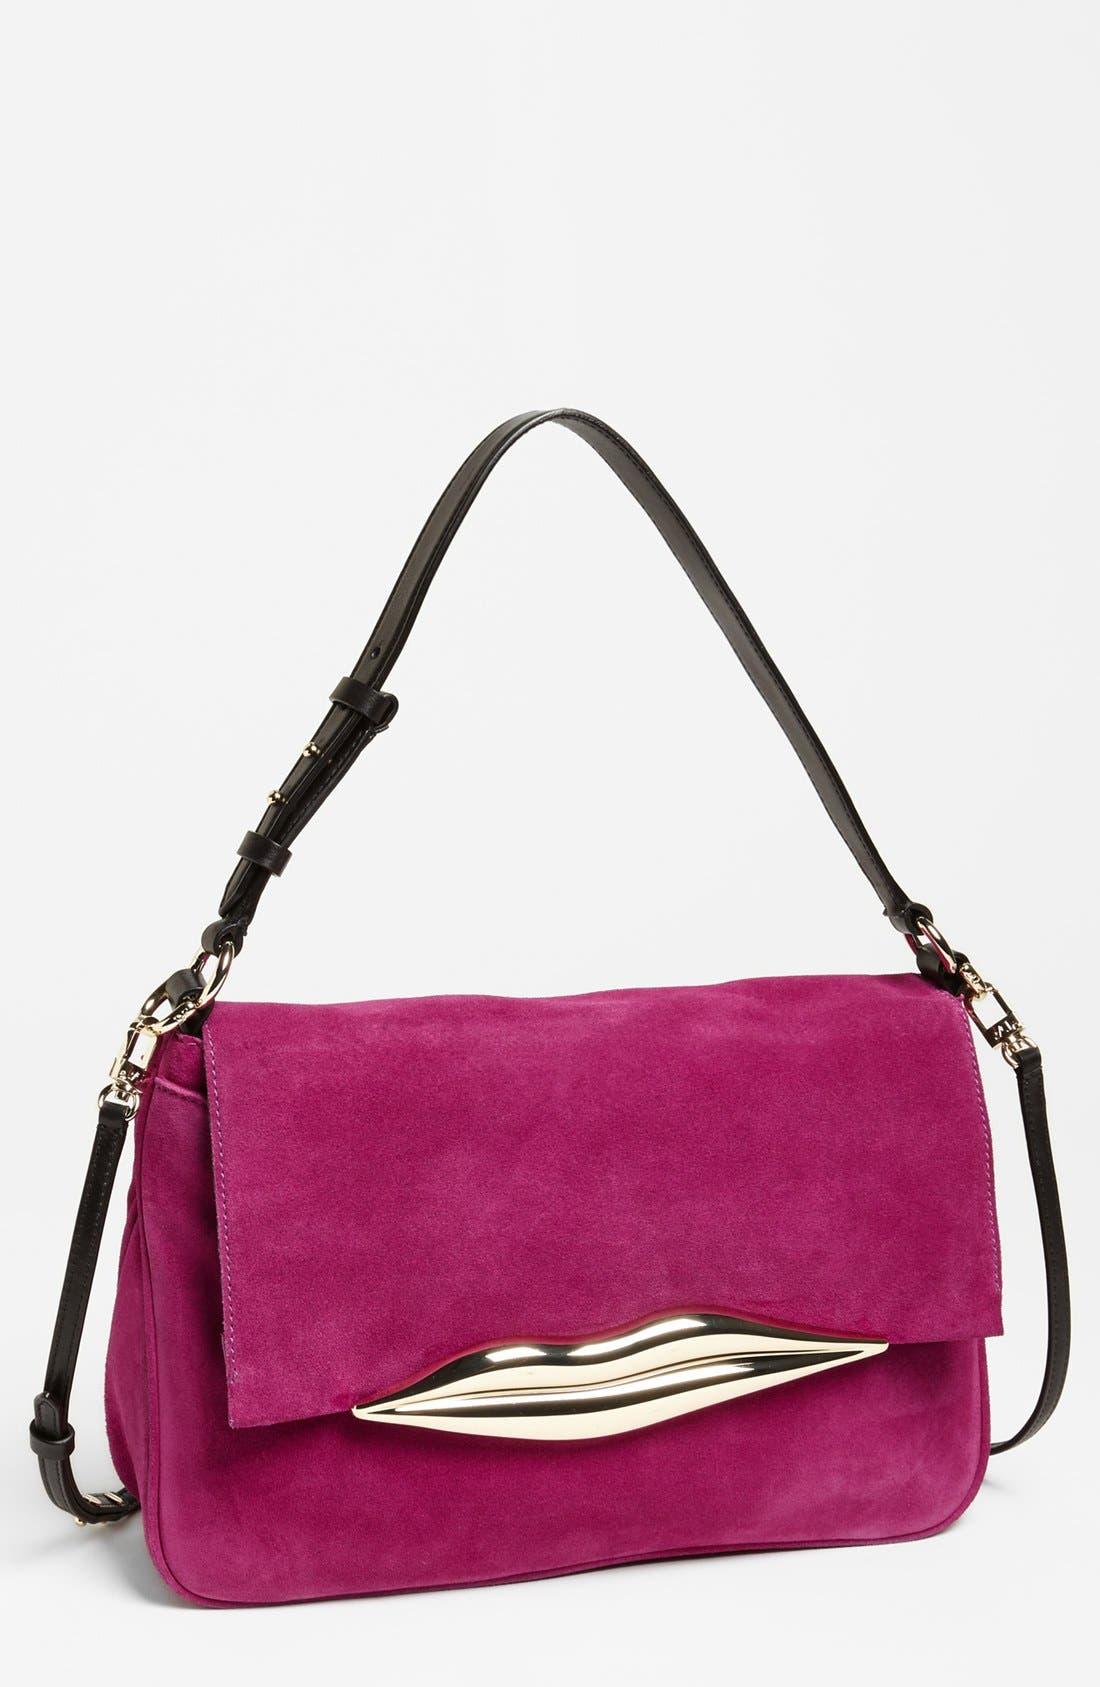 Alternate Image 1 Selected - Diane von Furstenberg 'Flirty' Shoulder Bag